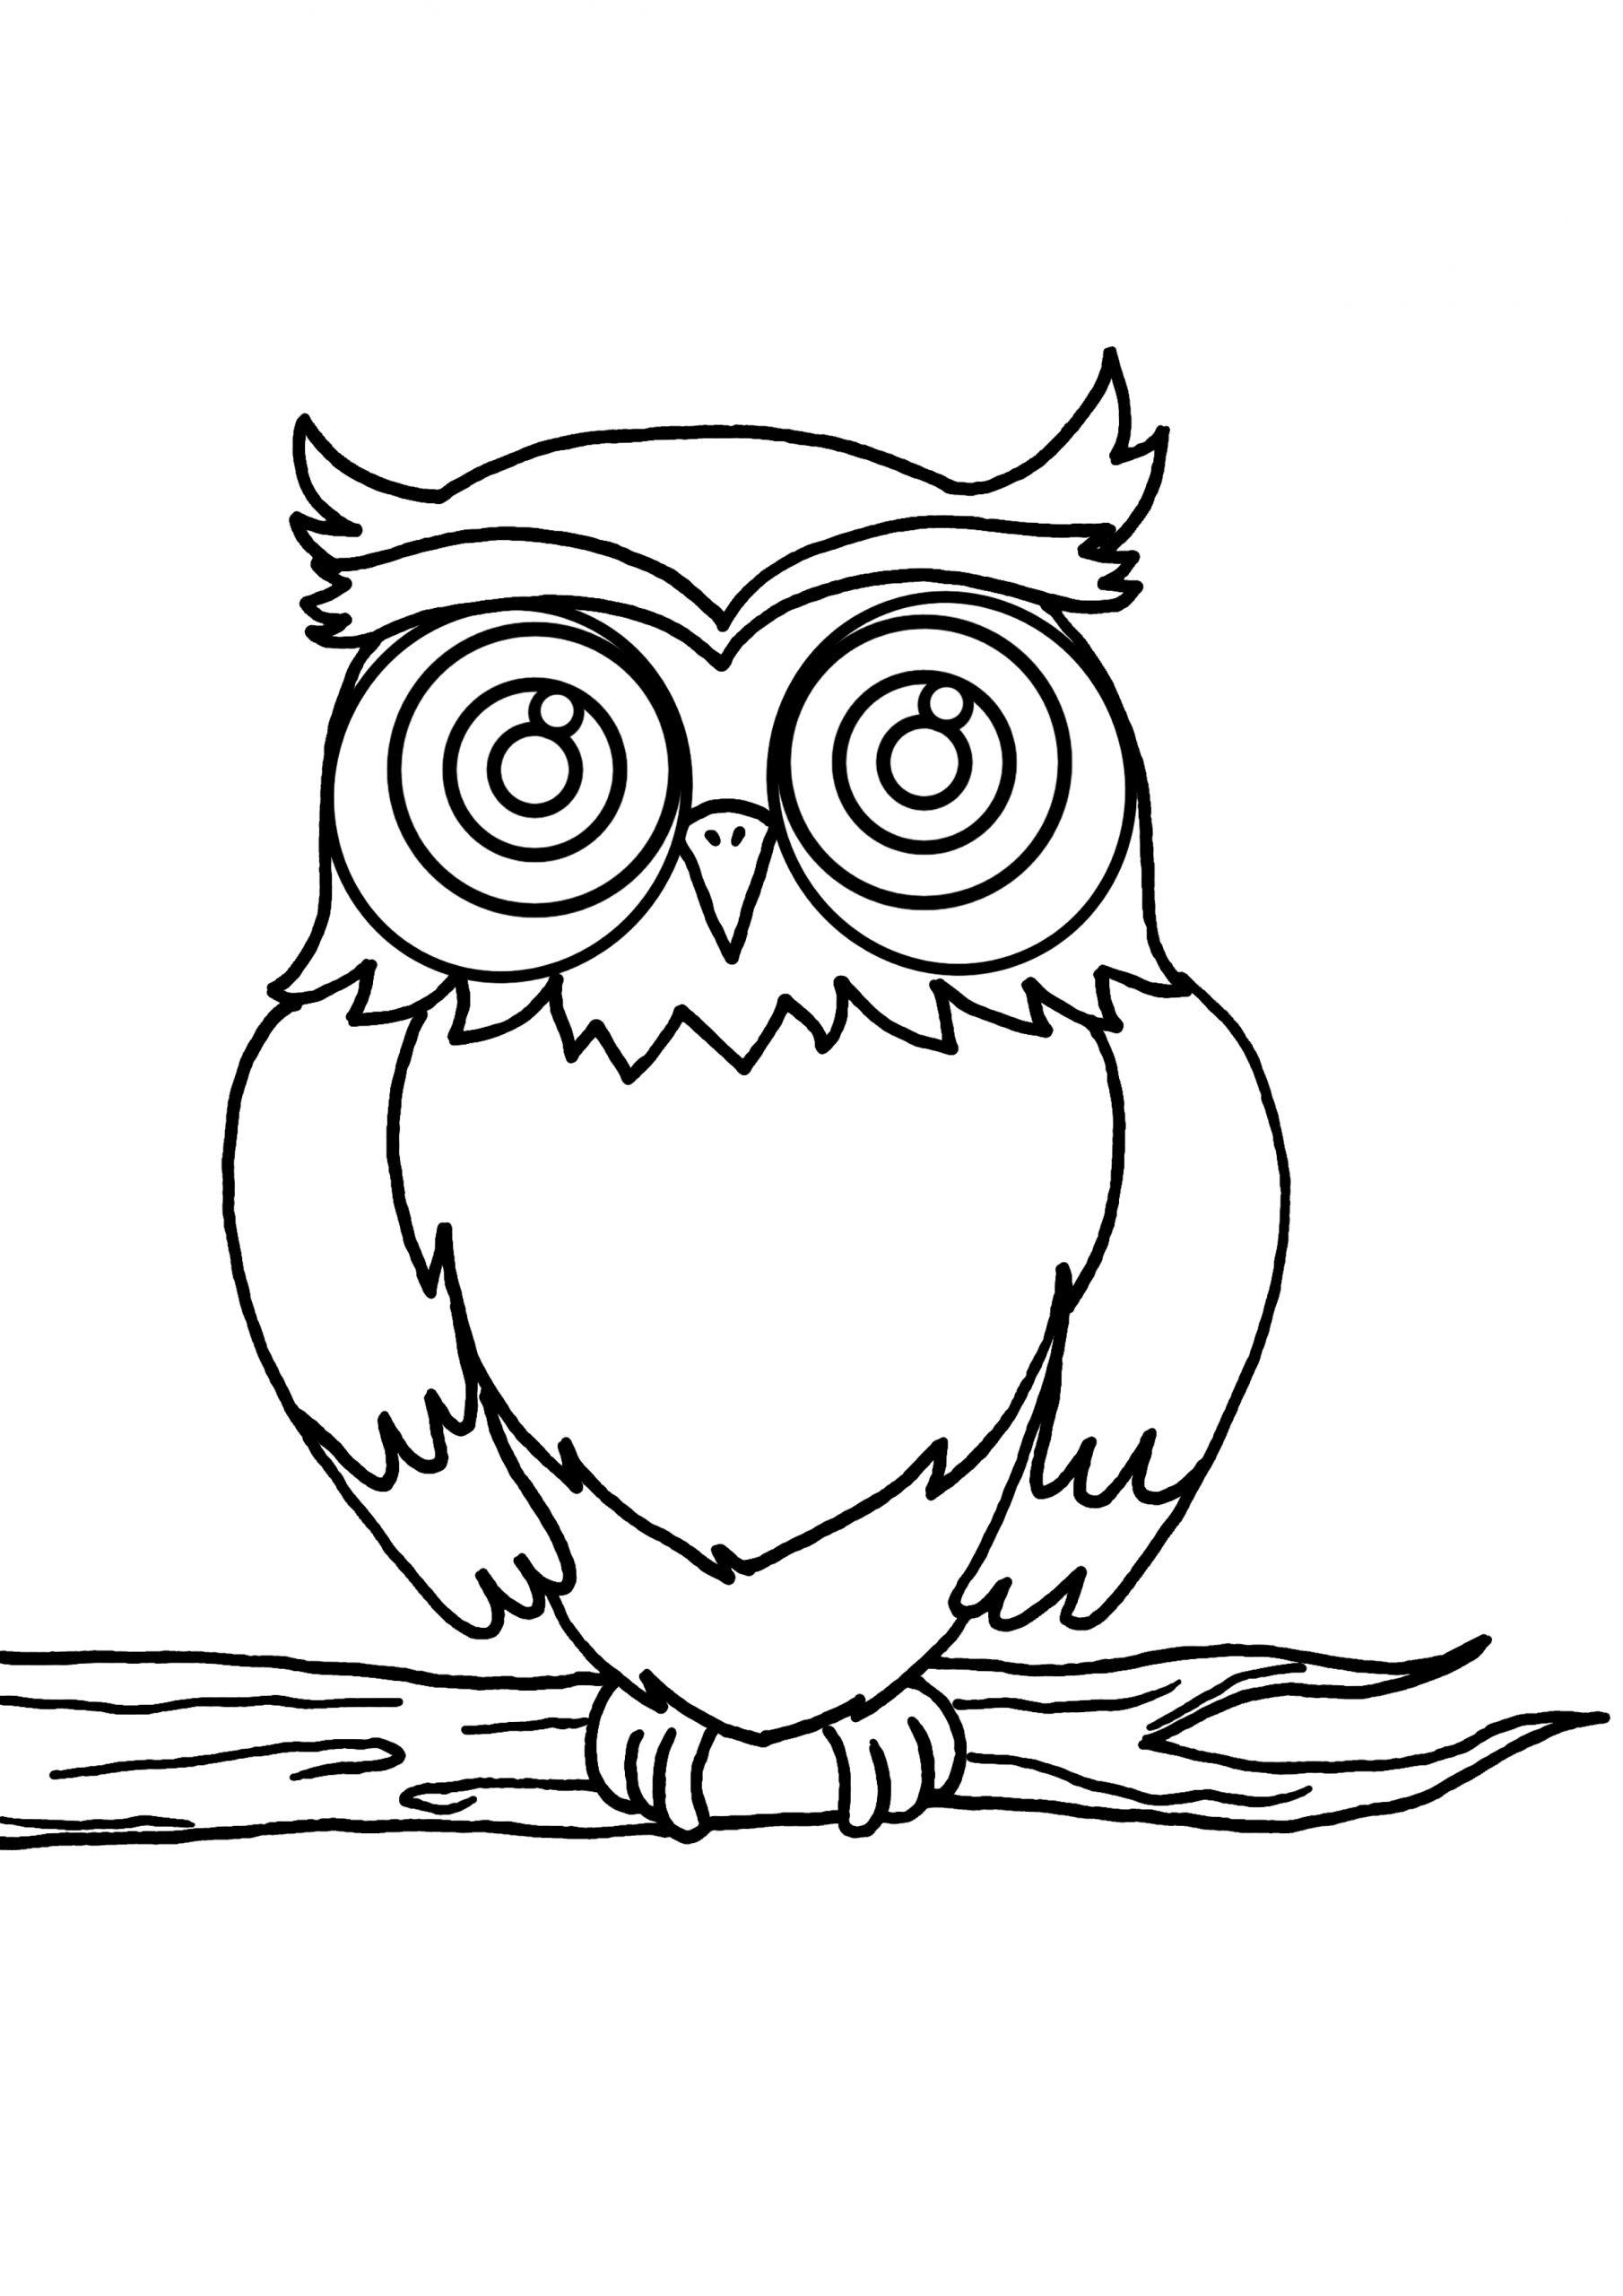 Hibou #60 (Animaux) – Coloriages À Imprimer dedans Dessiner Un Hibou